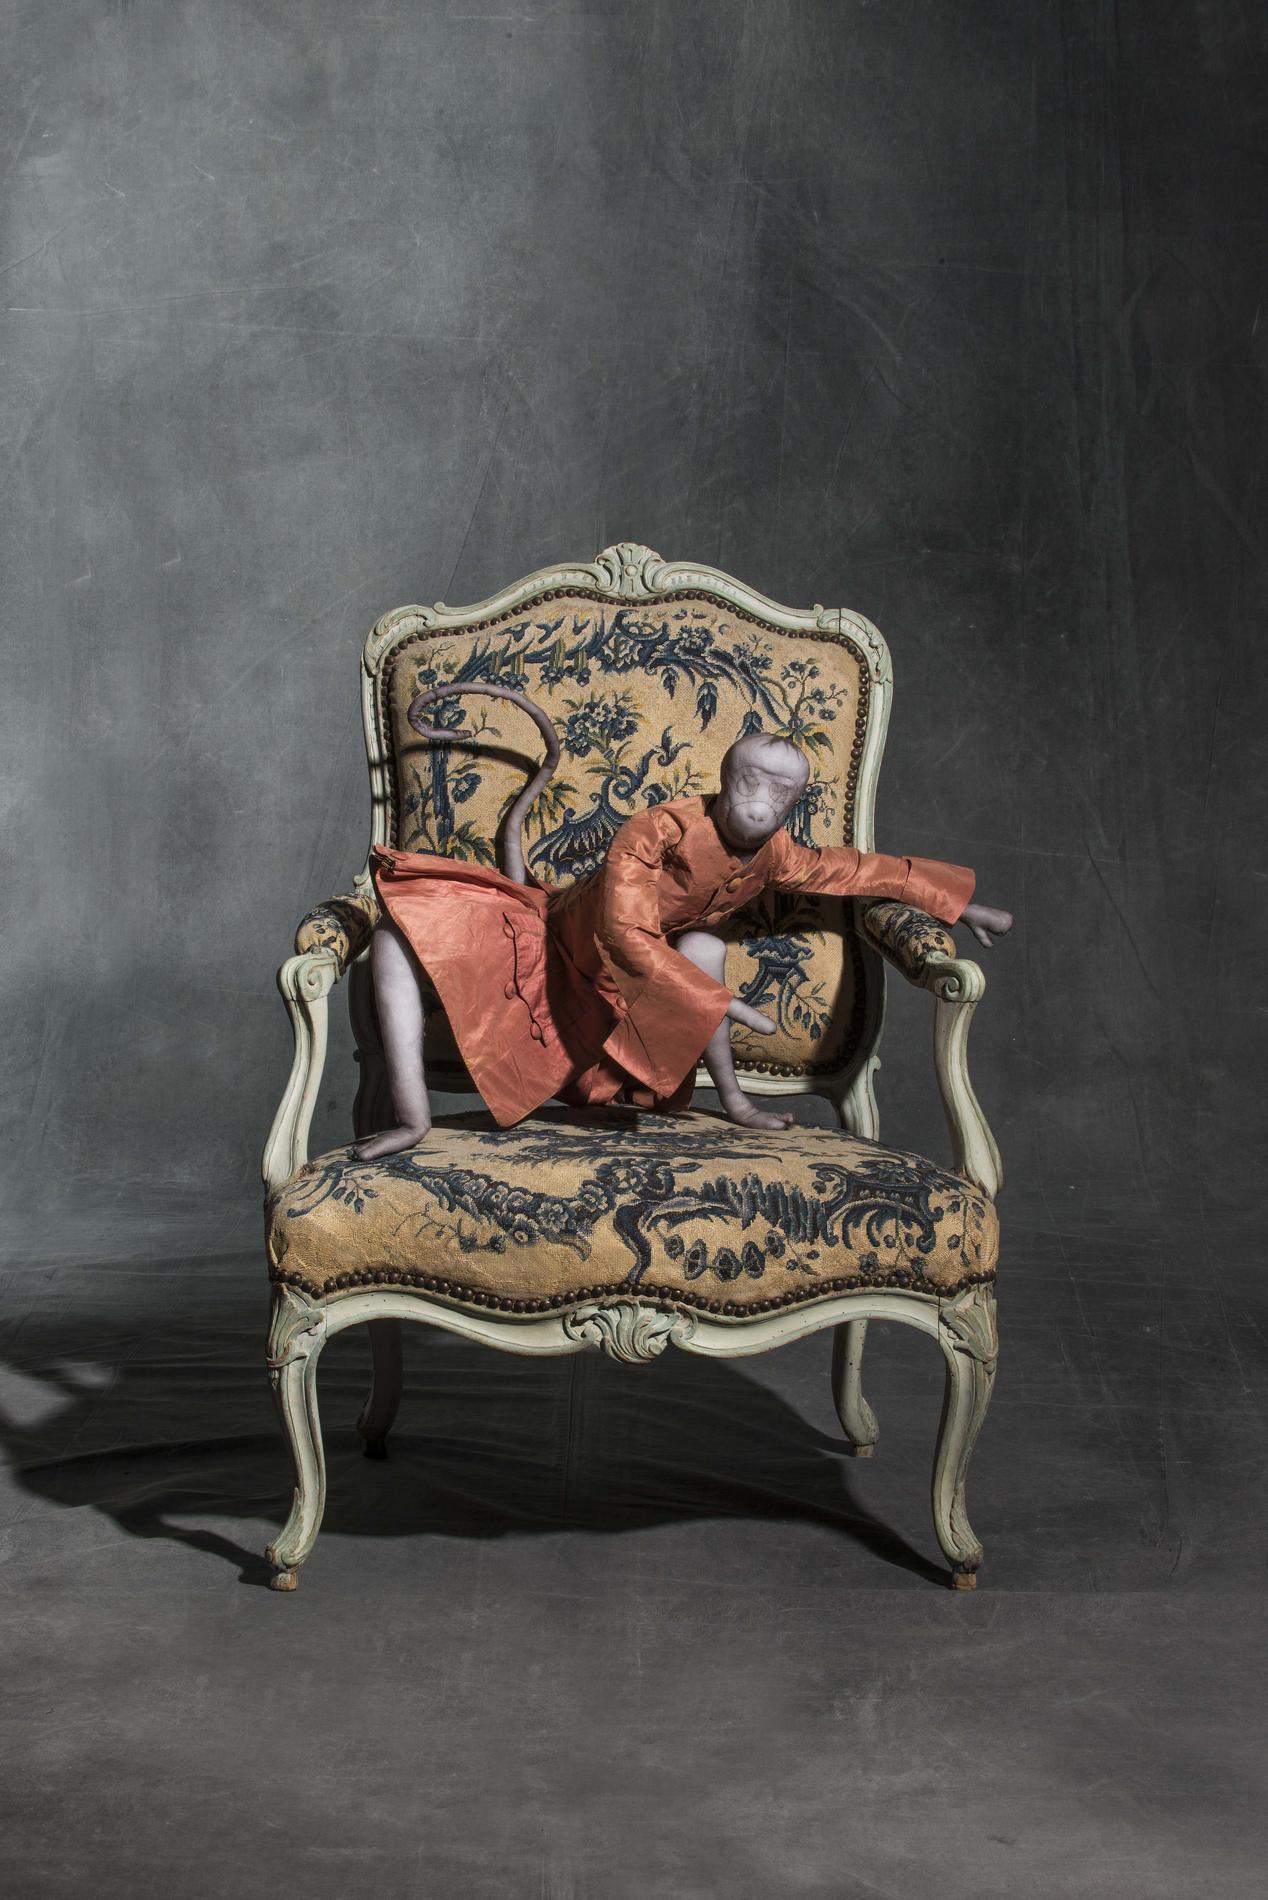 Fashion forward aux arts d co quand la mode claire l 39 histoire madame figaro - Les arts decoratifs paris ...